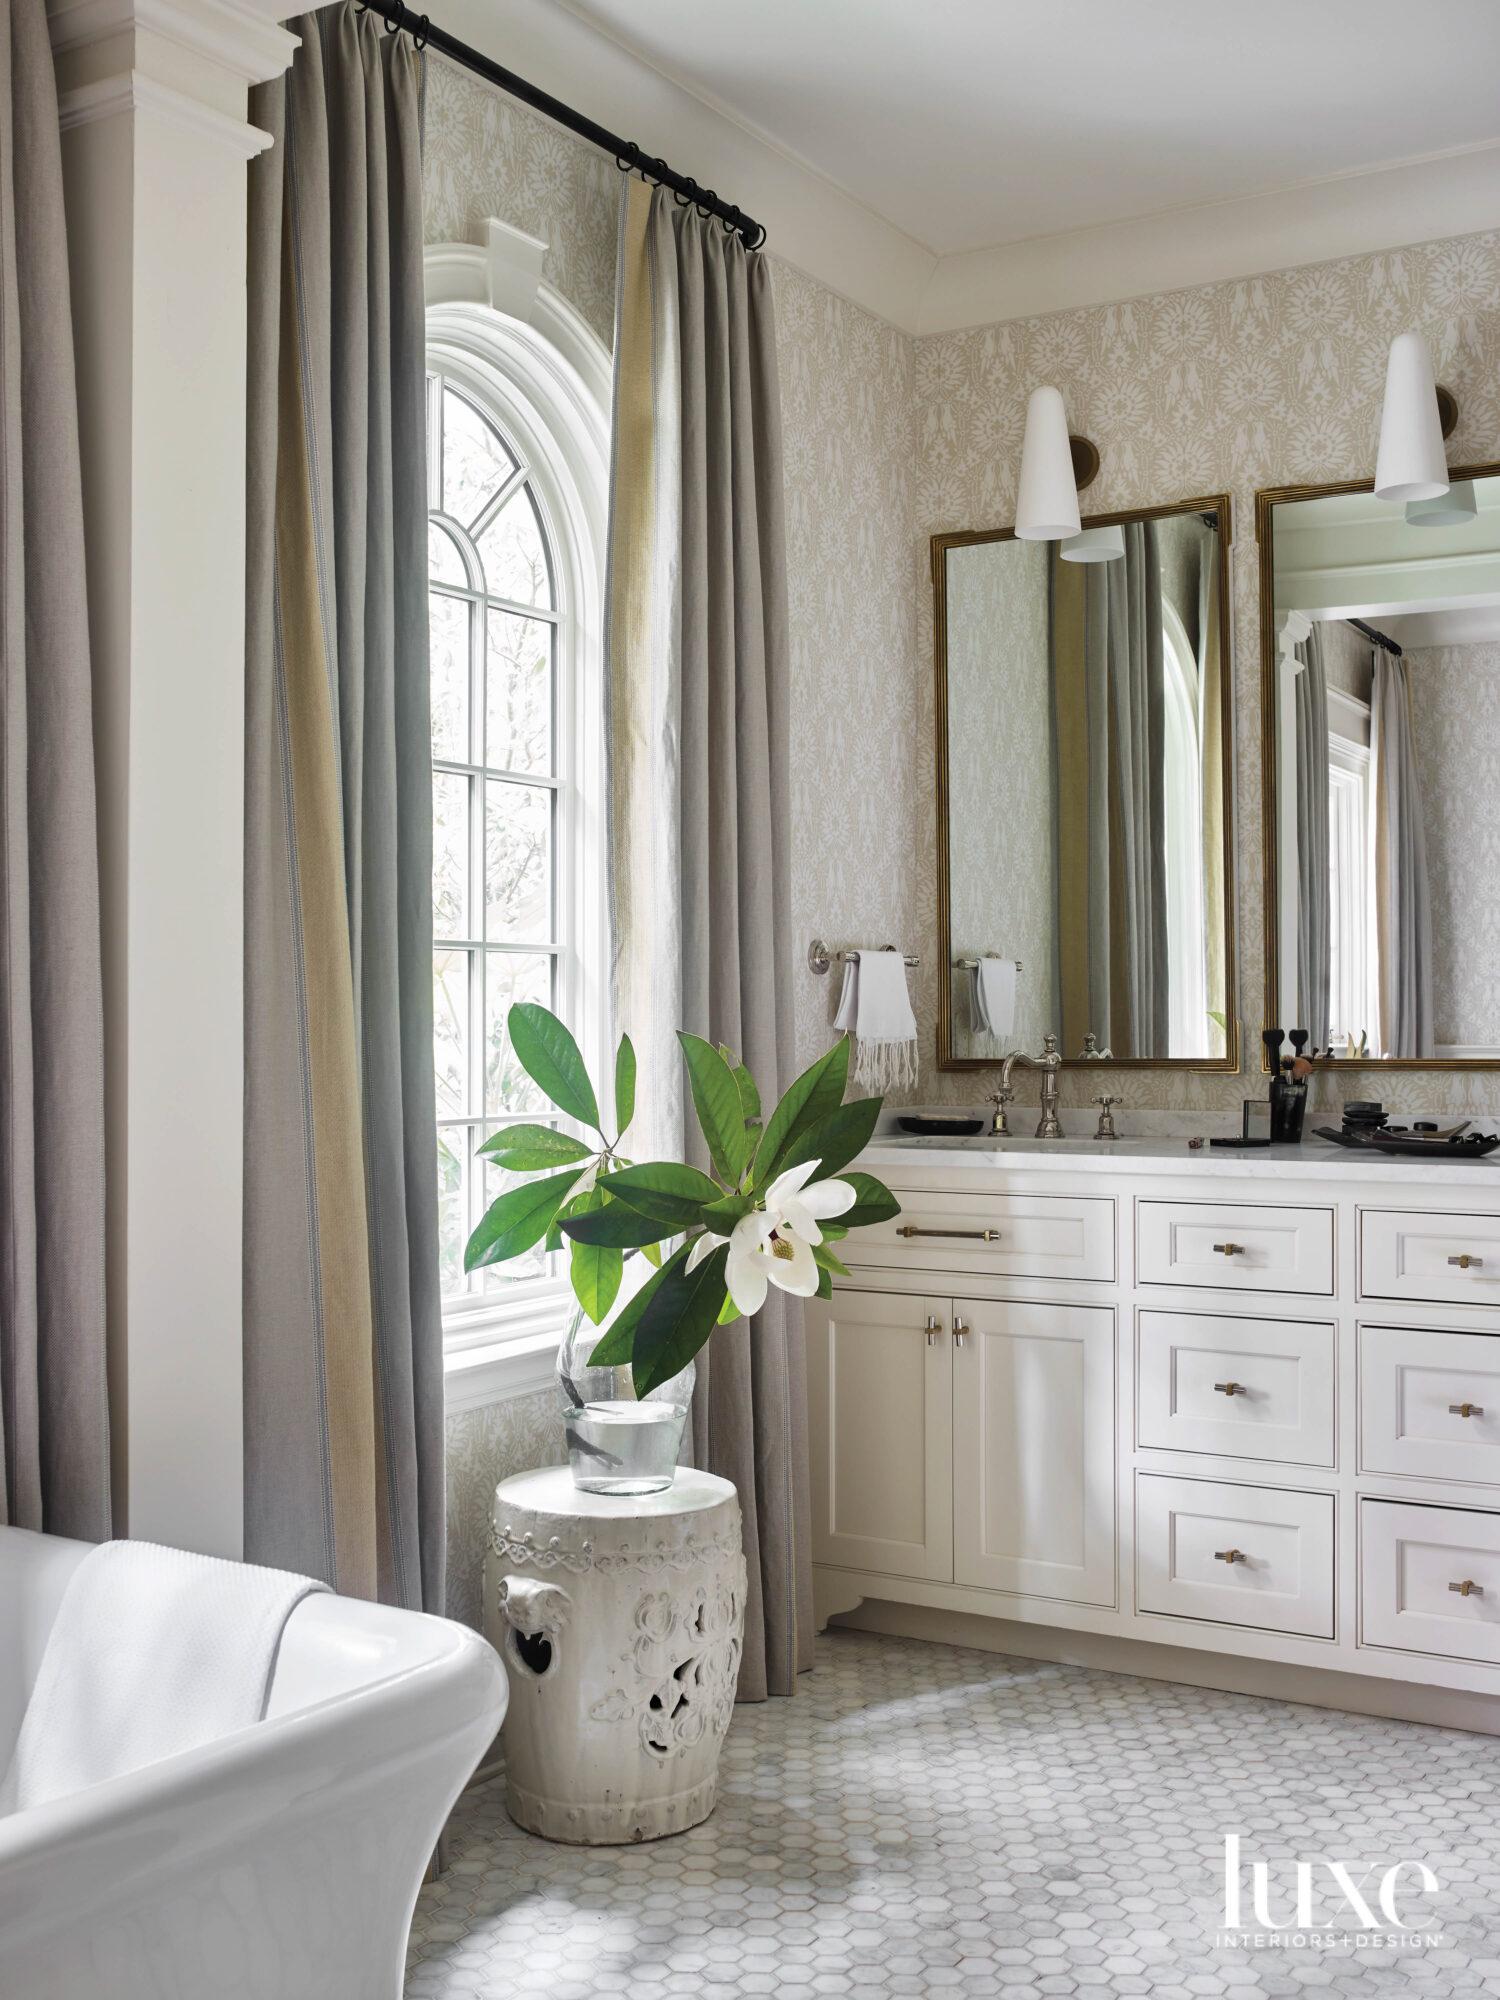 Softly lit bathroom with dramatic...